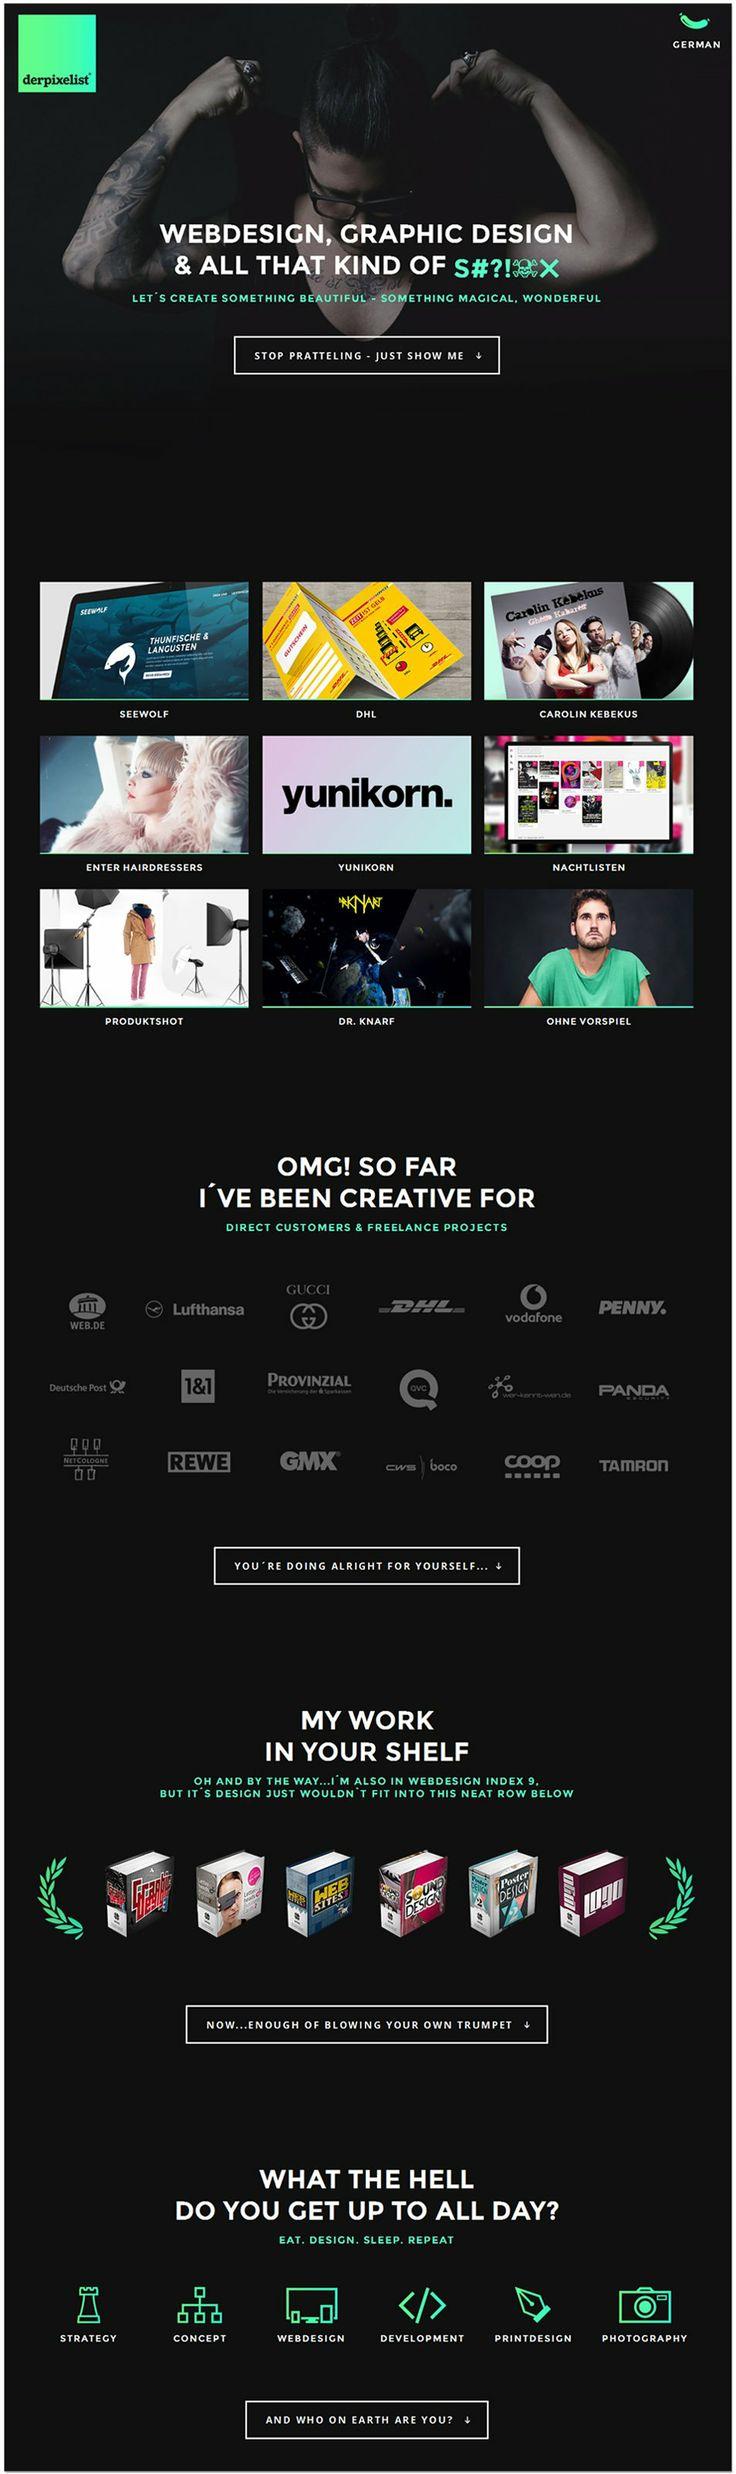 Cool Web Design, Derpixelist. #webdesign #webdevelopment [http://www.pinterest.com/alfredchong/]